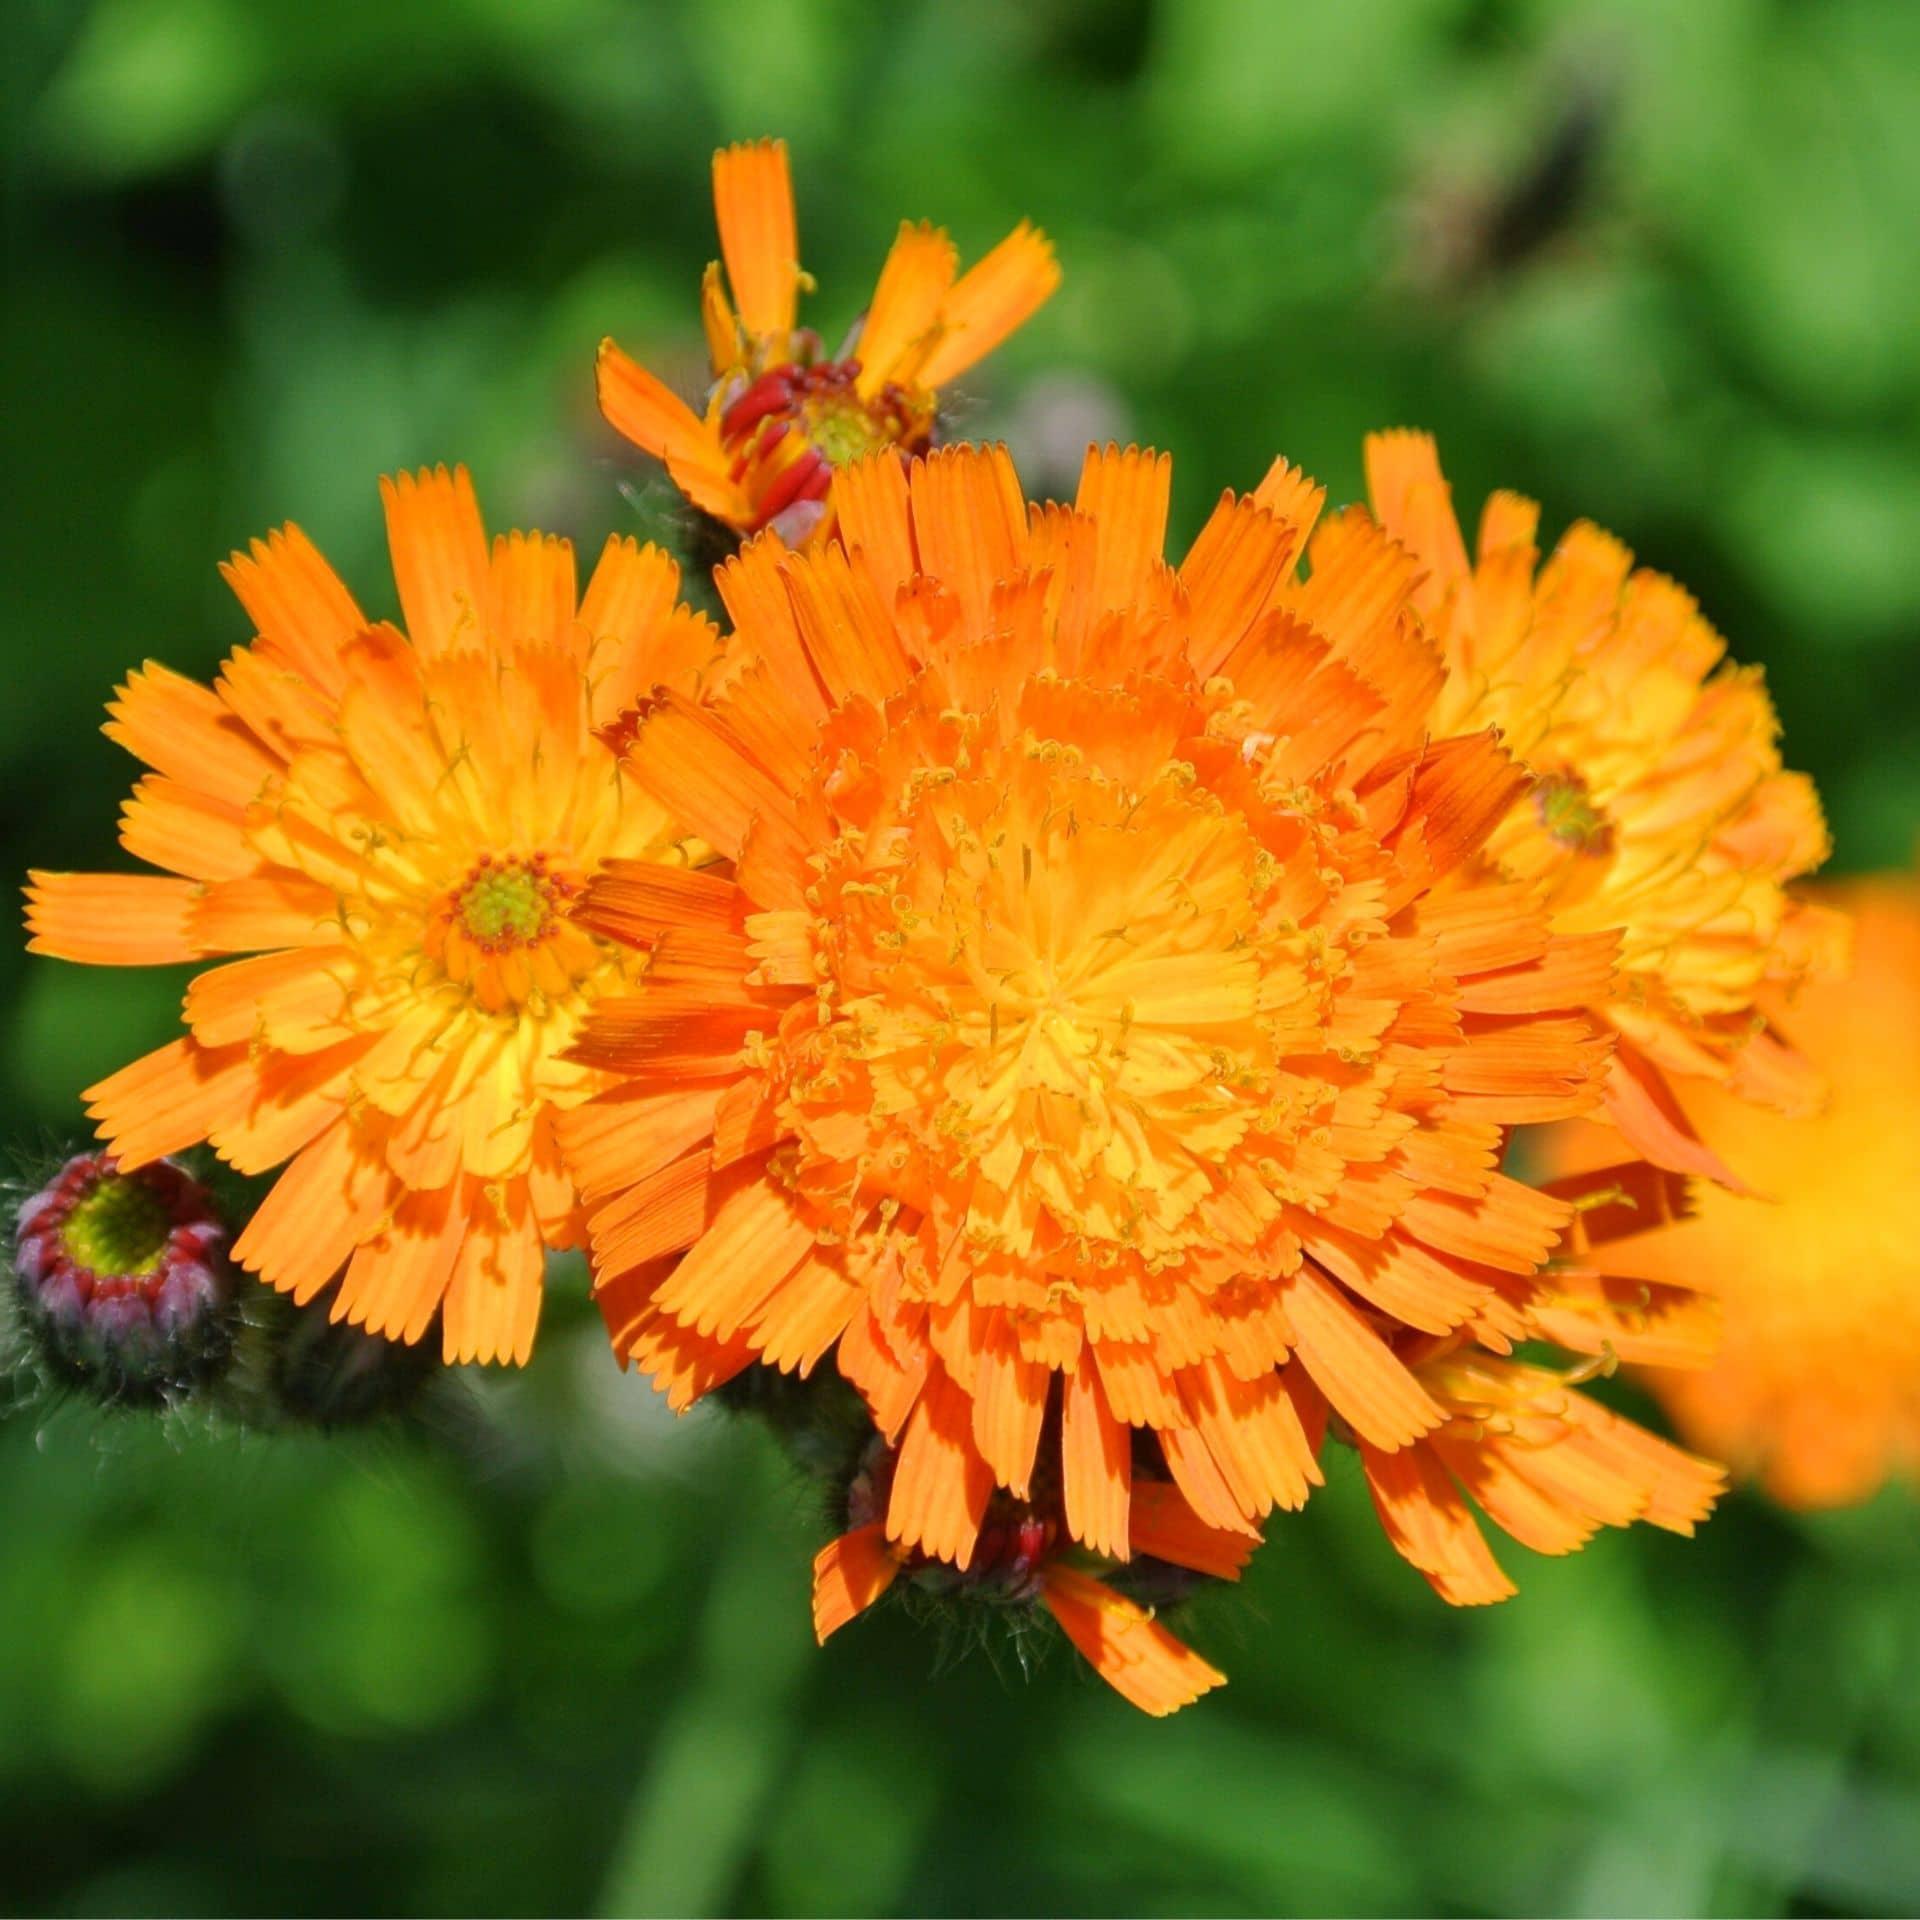 Oranje havikskruid – Hieracium aurantiacum